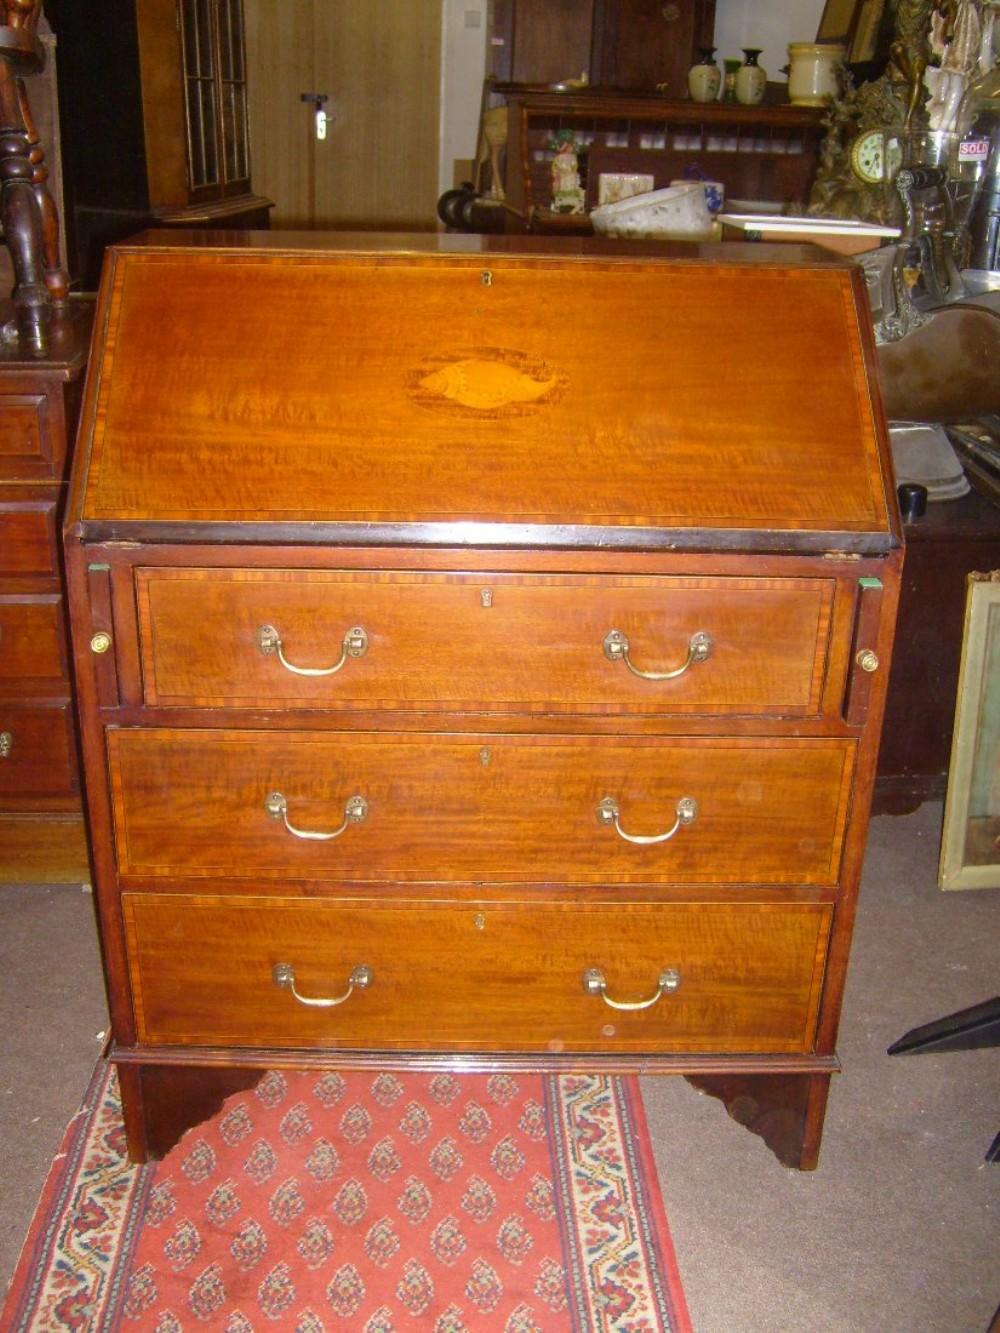 edwardian inlaid mahogany bureau